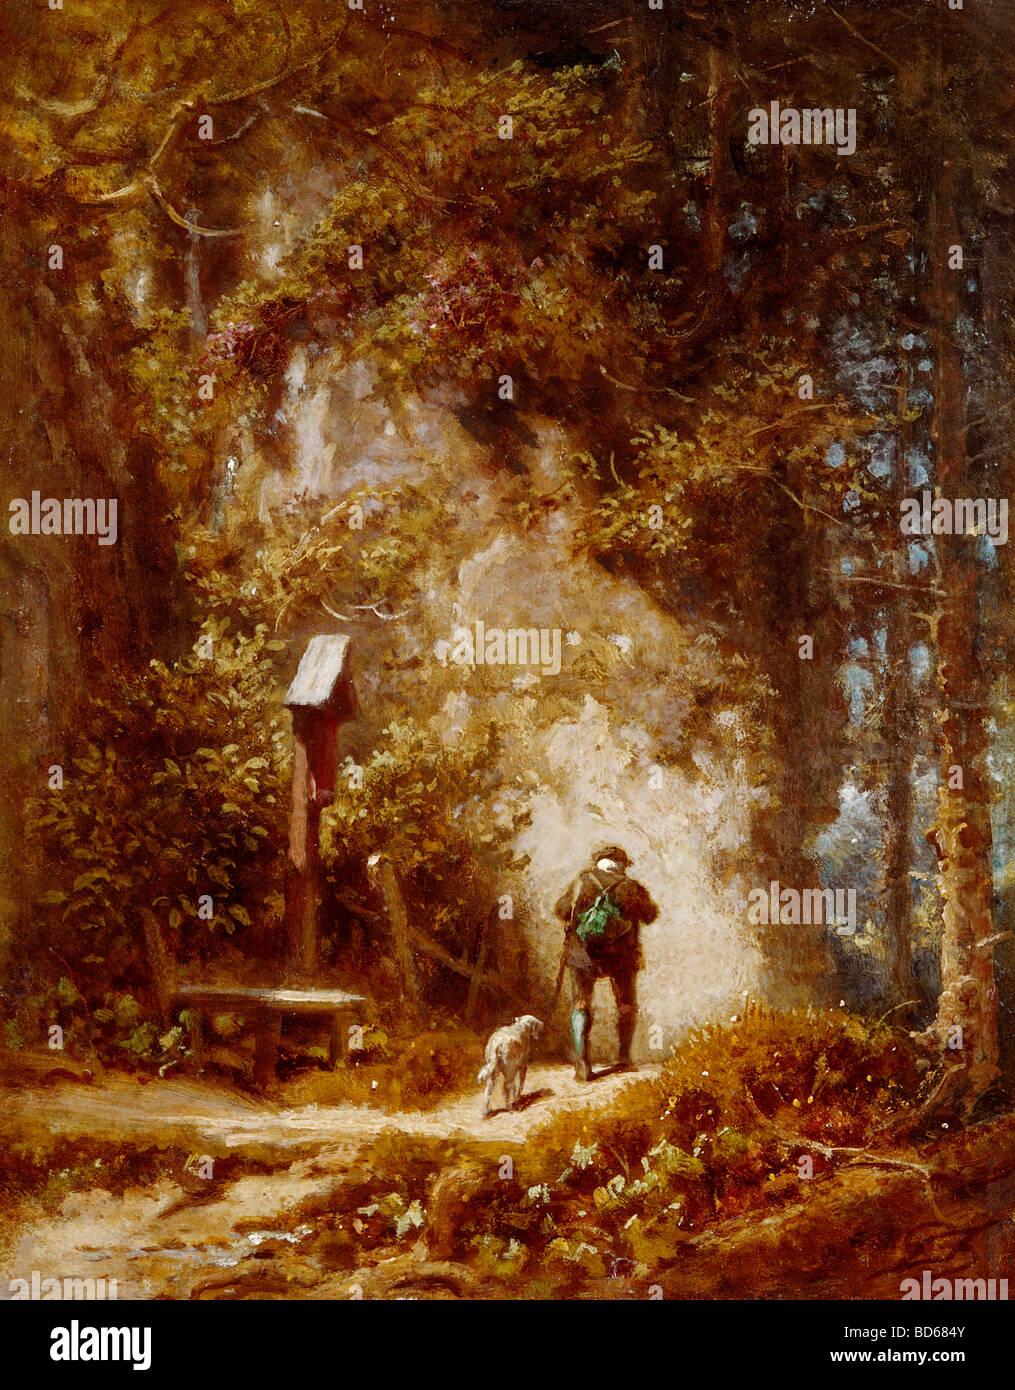 Belle arti, Spitzweg, Carl (1808 - 1885), pittura, cacciatore nella foresta, Wimmer Gallery, Monaco, legni, Karl, Foto Stock